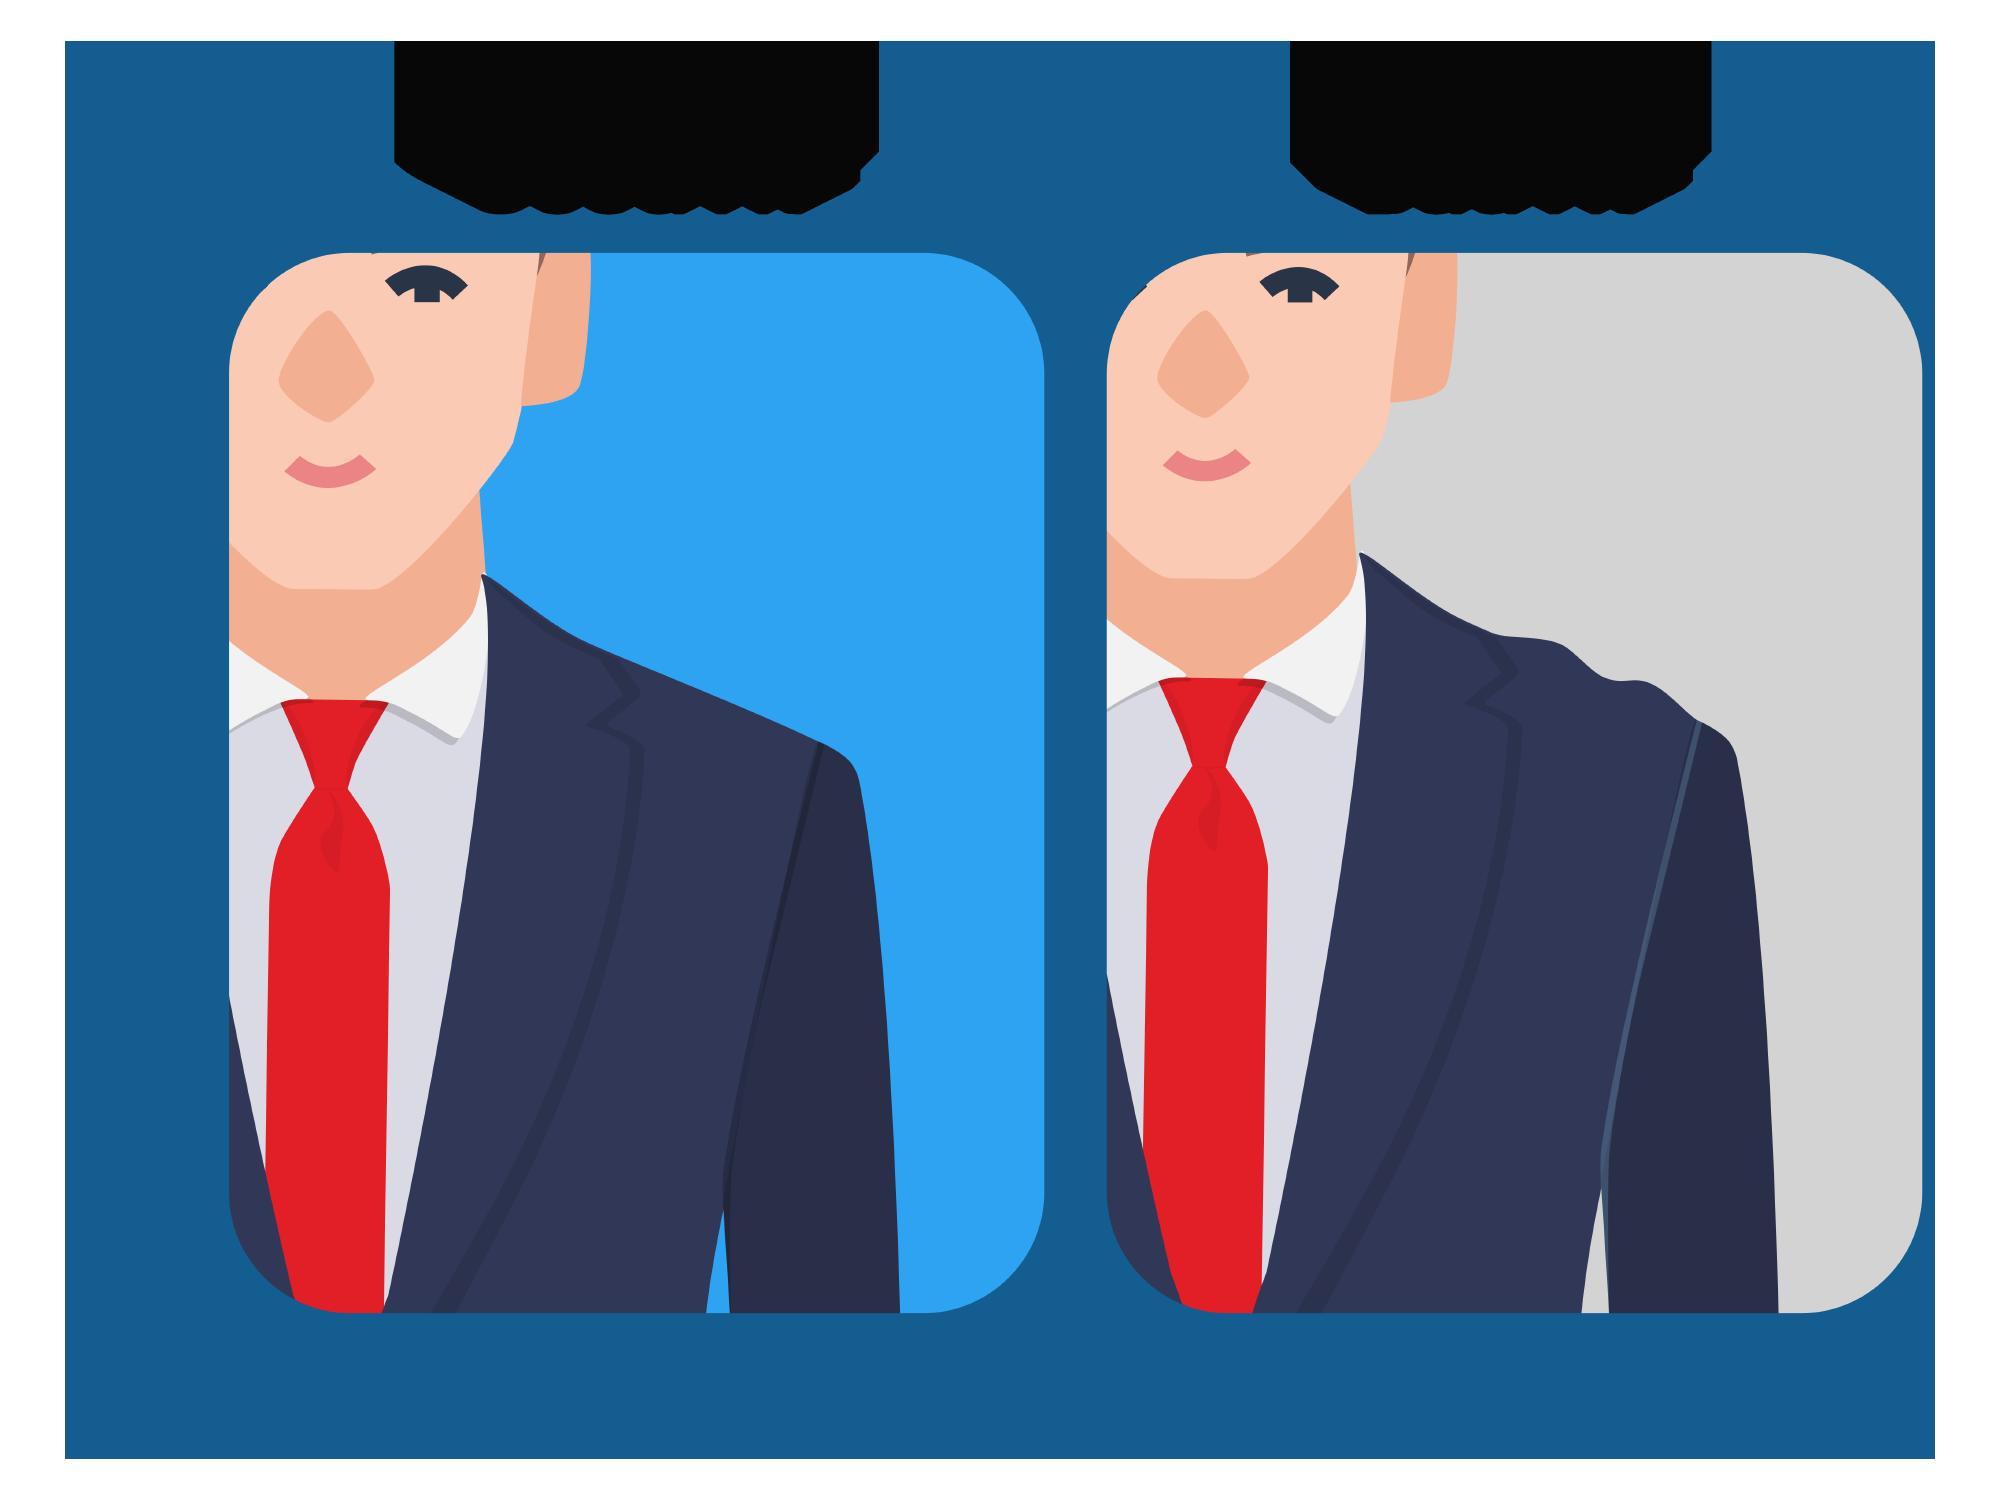 Suit jacket shoulder wrinkles